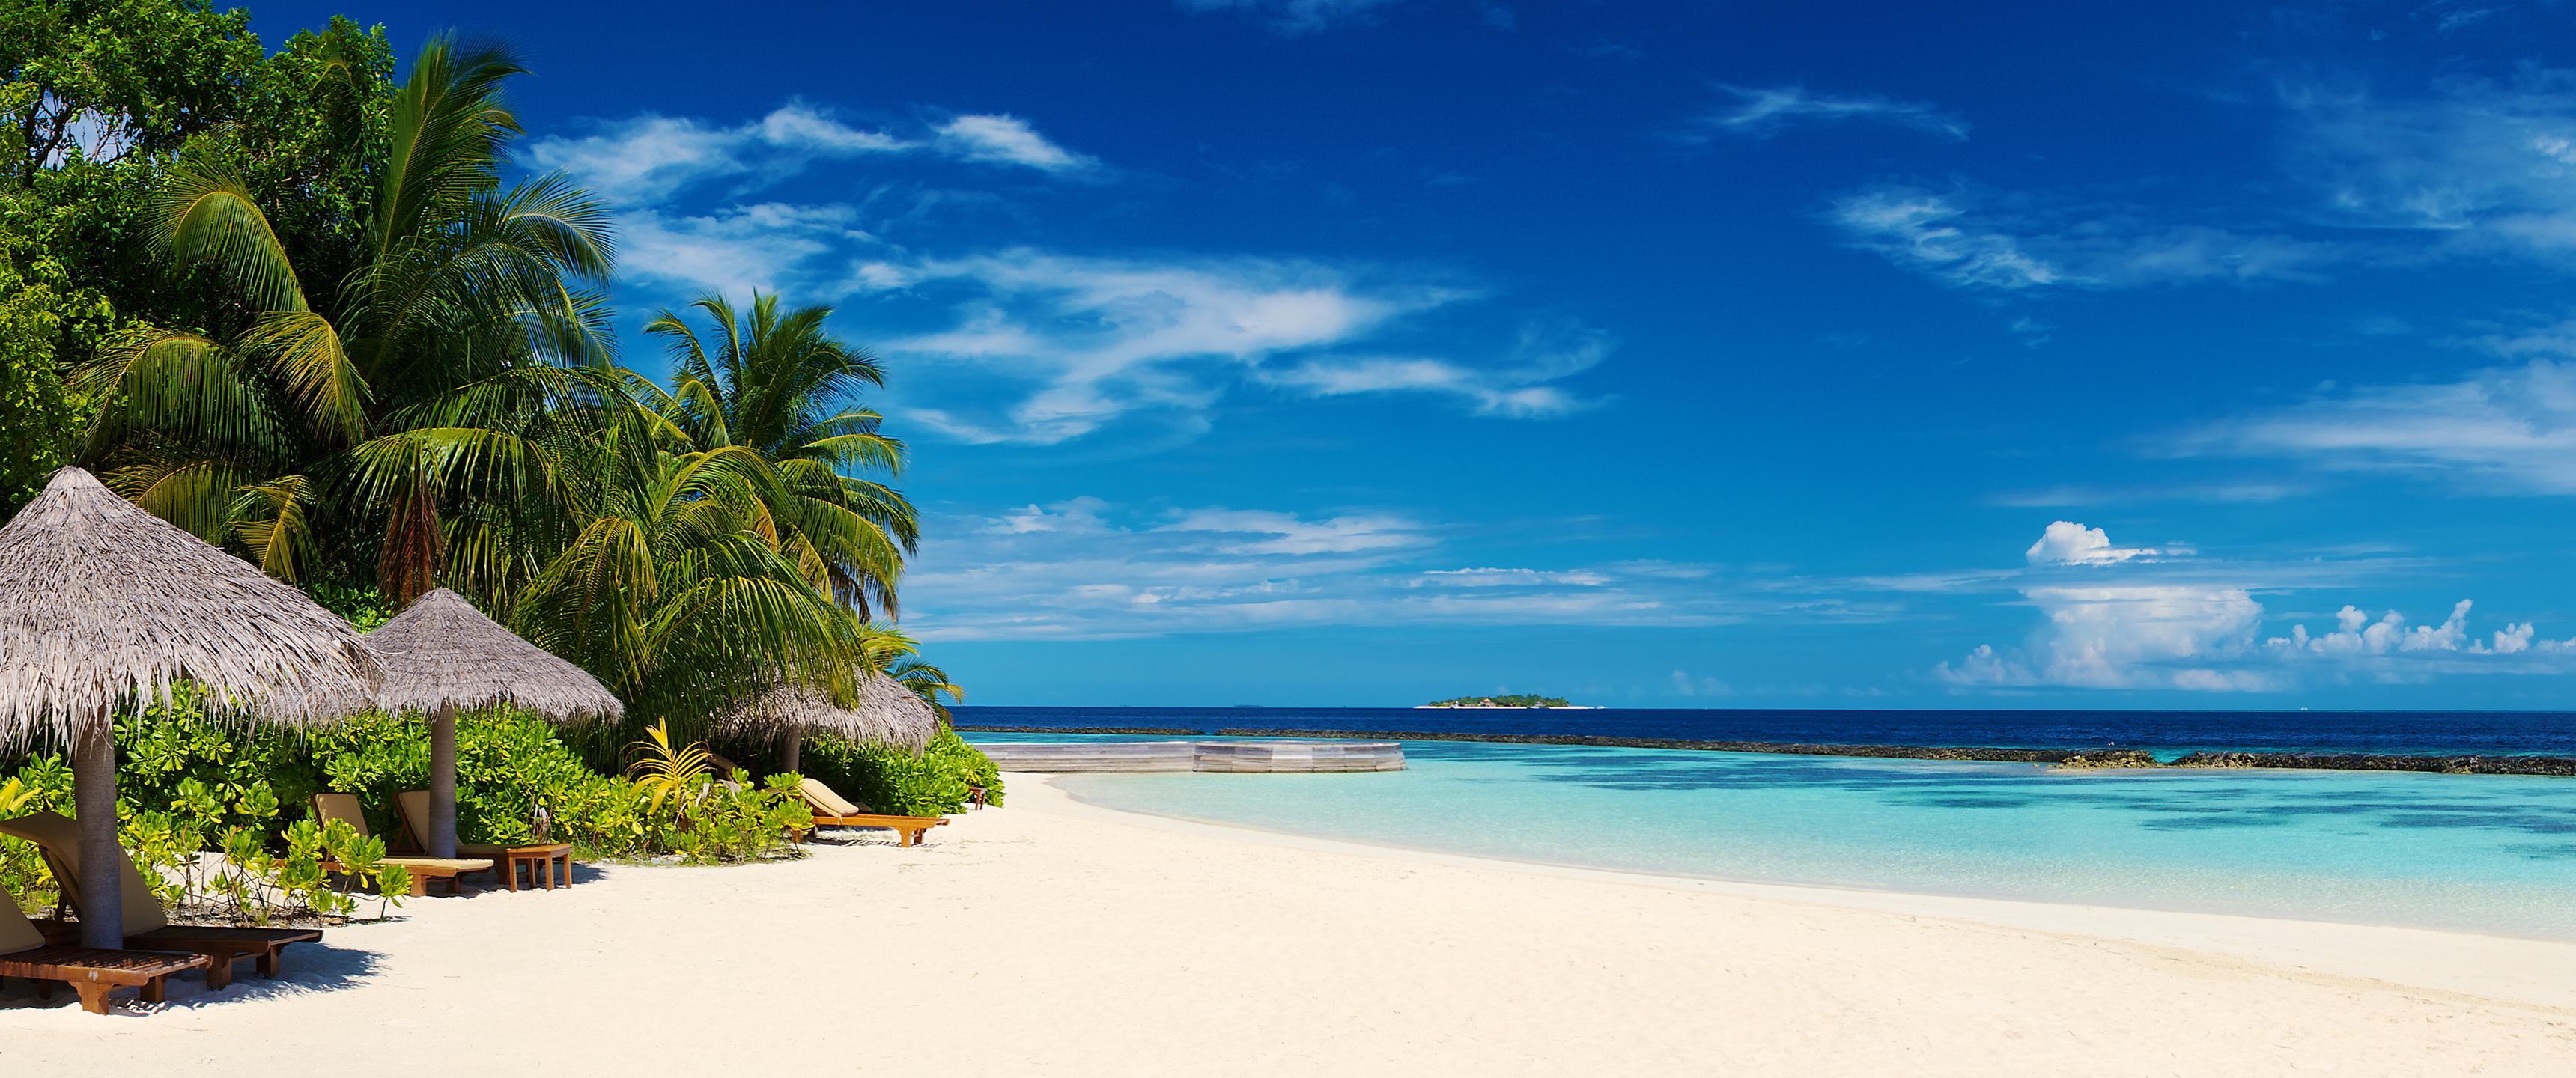 马尔代夫度假村.jpg